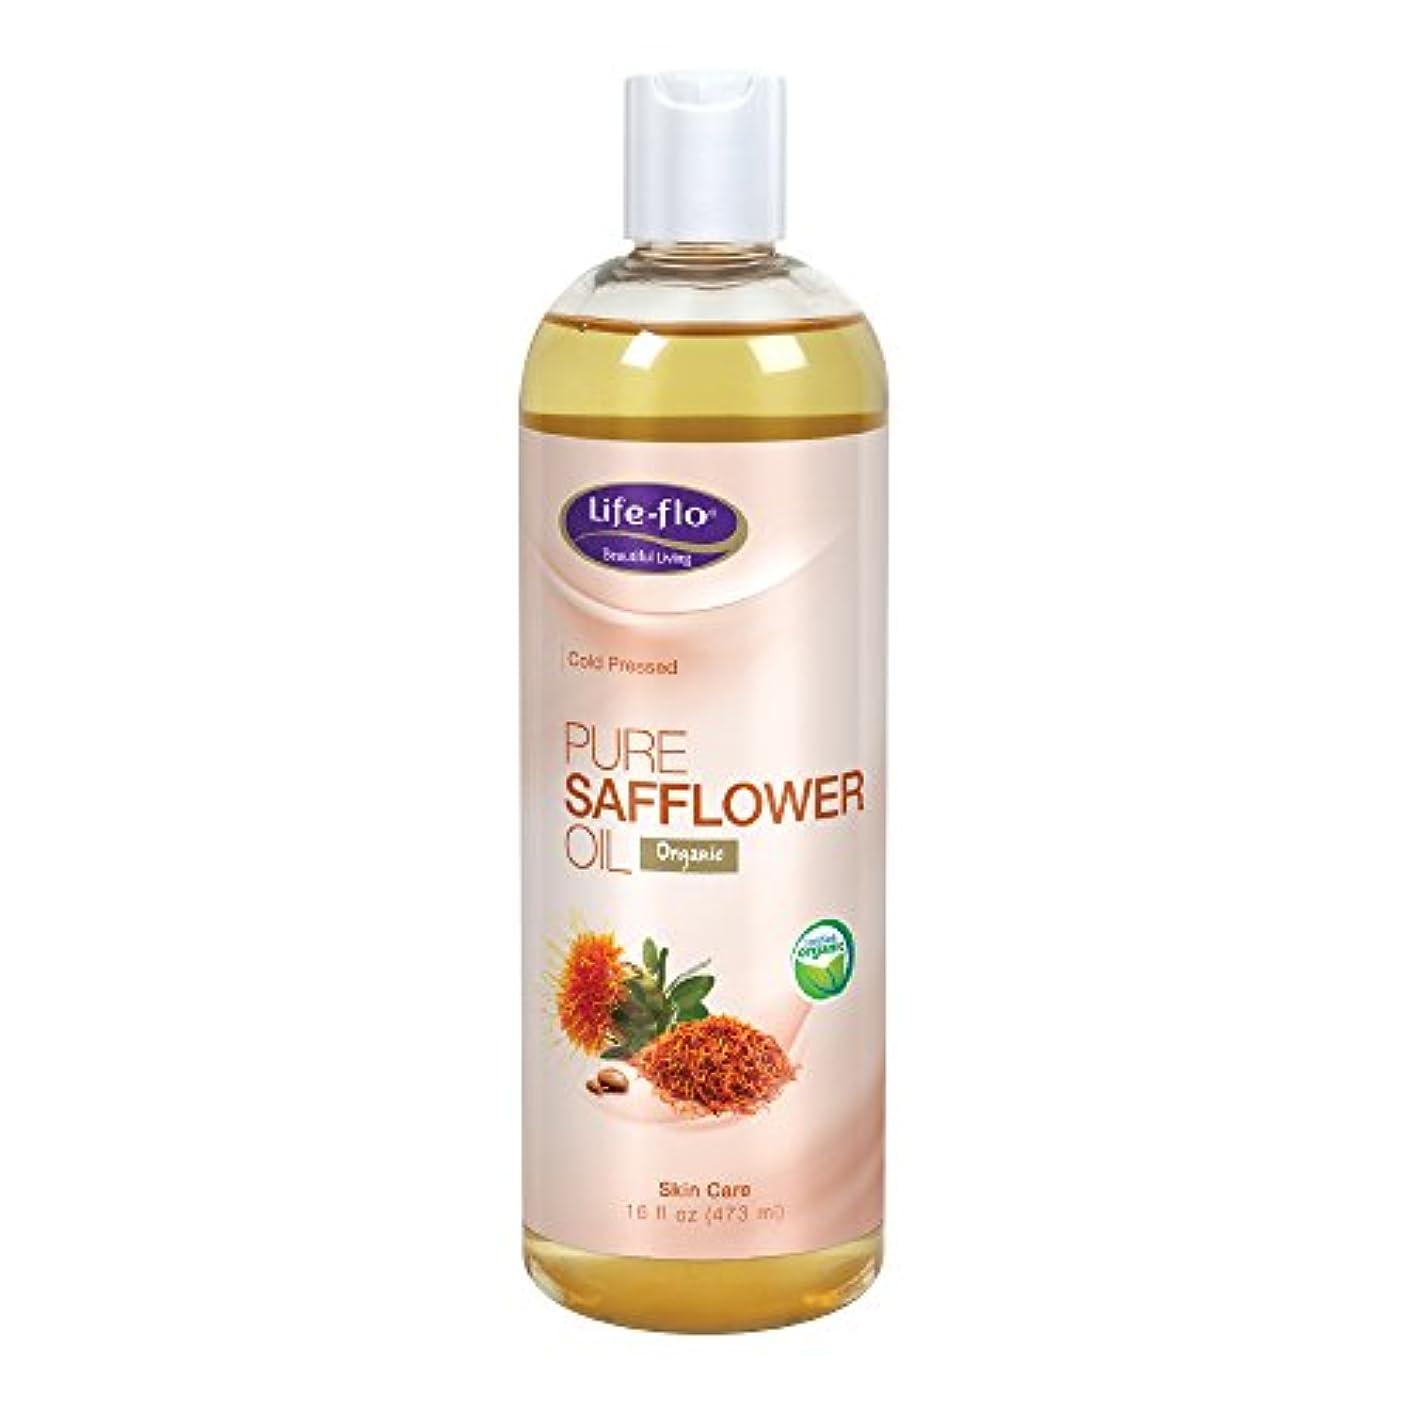 その他間に合わせ分離Life Flo Health, Pure Safflower Oil, Skin Care, 16 fl oz (473 ml)